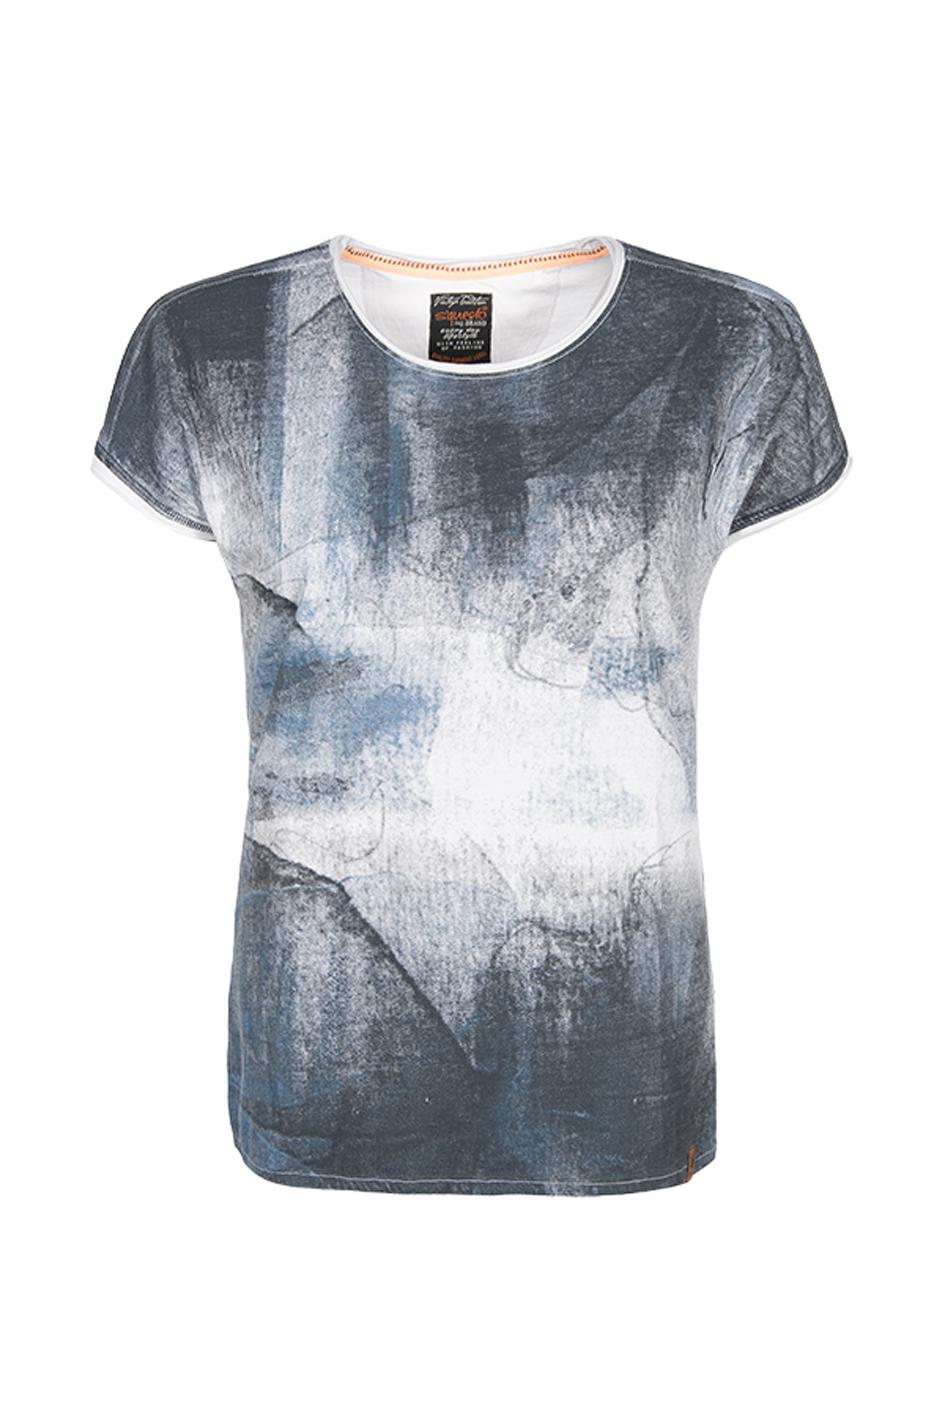 Soquesto Shirt Godhild